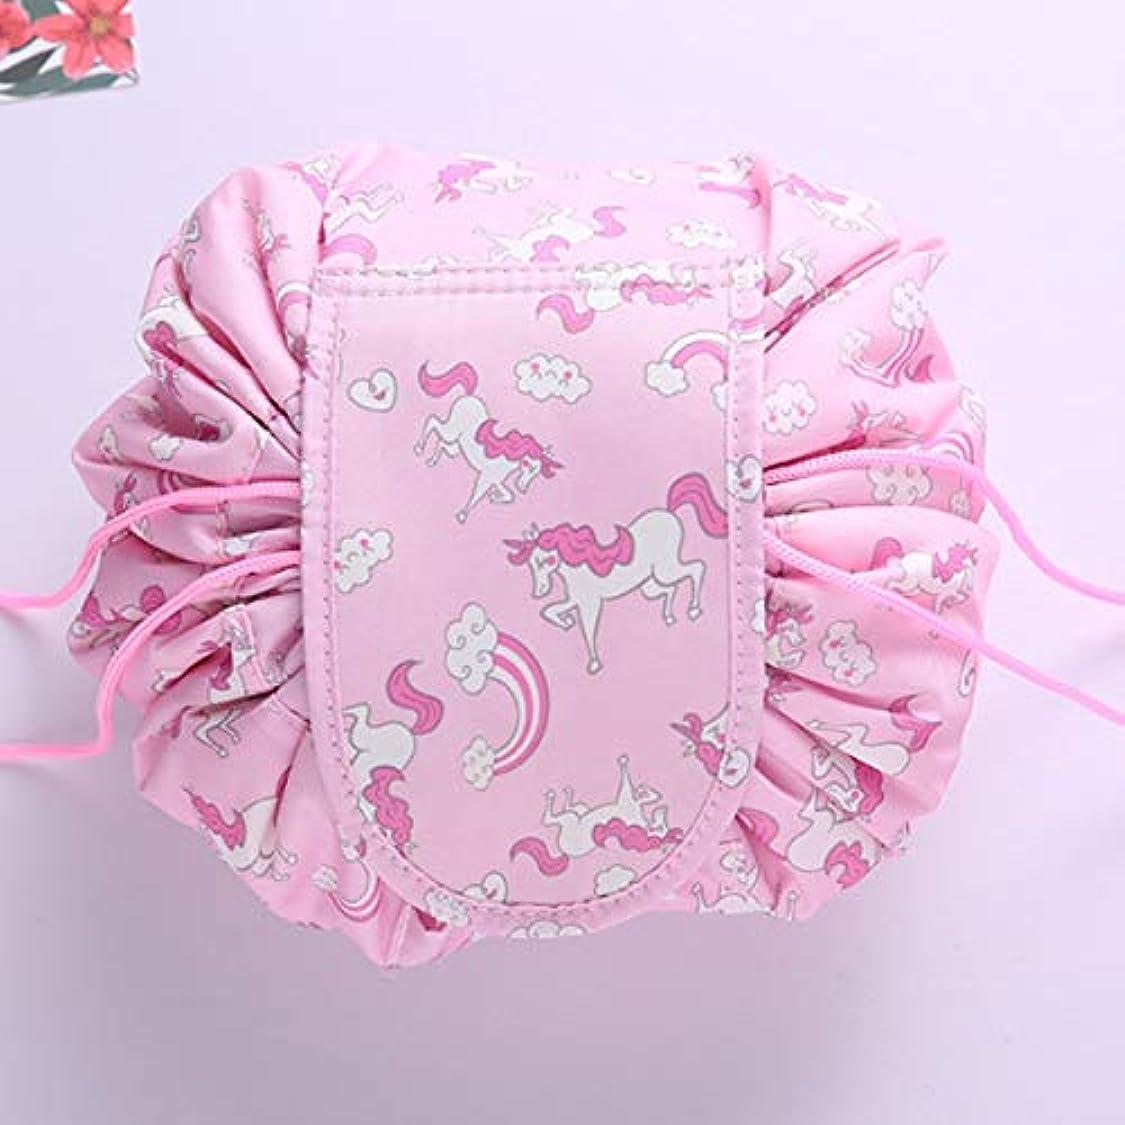 マザーランド回転アルプスQuzama-JS 満足新しい女性ユニコーン化粧品バッグニモロープロープ化粧品プロフェッショナルプロケースケース旅行rtifactラッカーバンドルバッグ